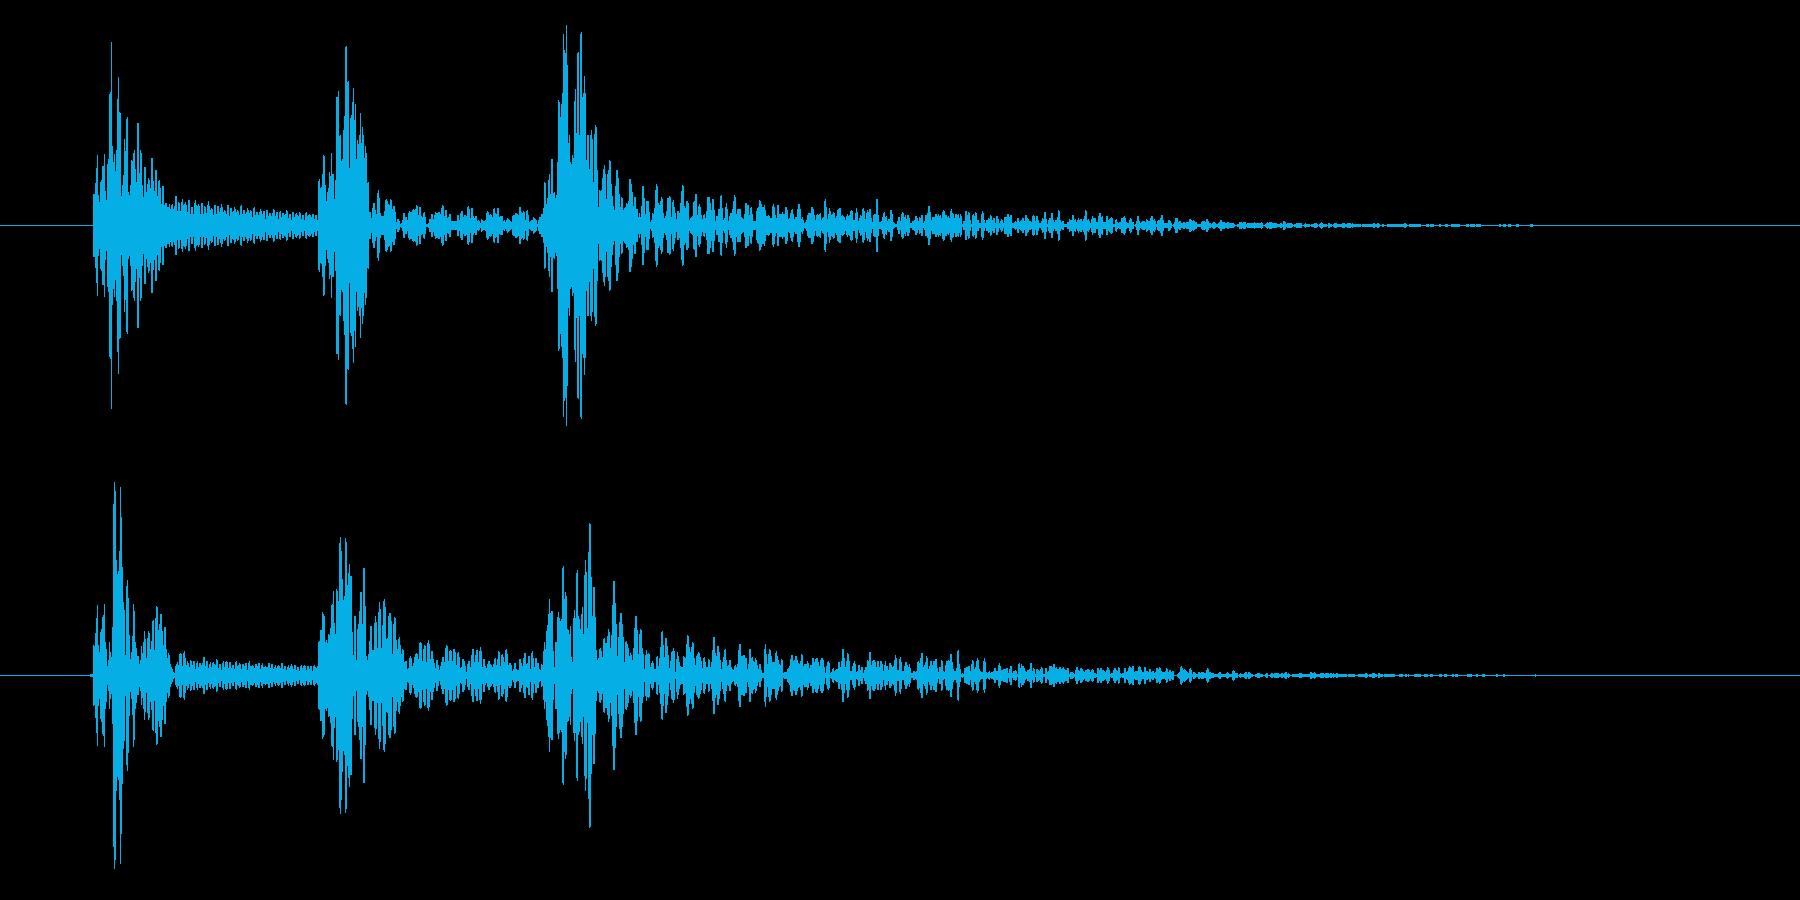 PC・アプリ操作音向け電子音(ポコポン)の再生済みの波形